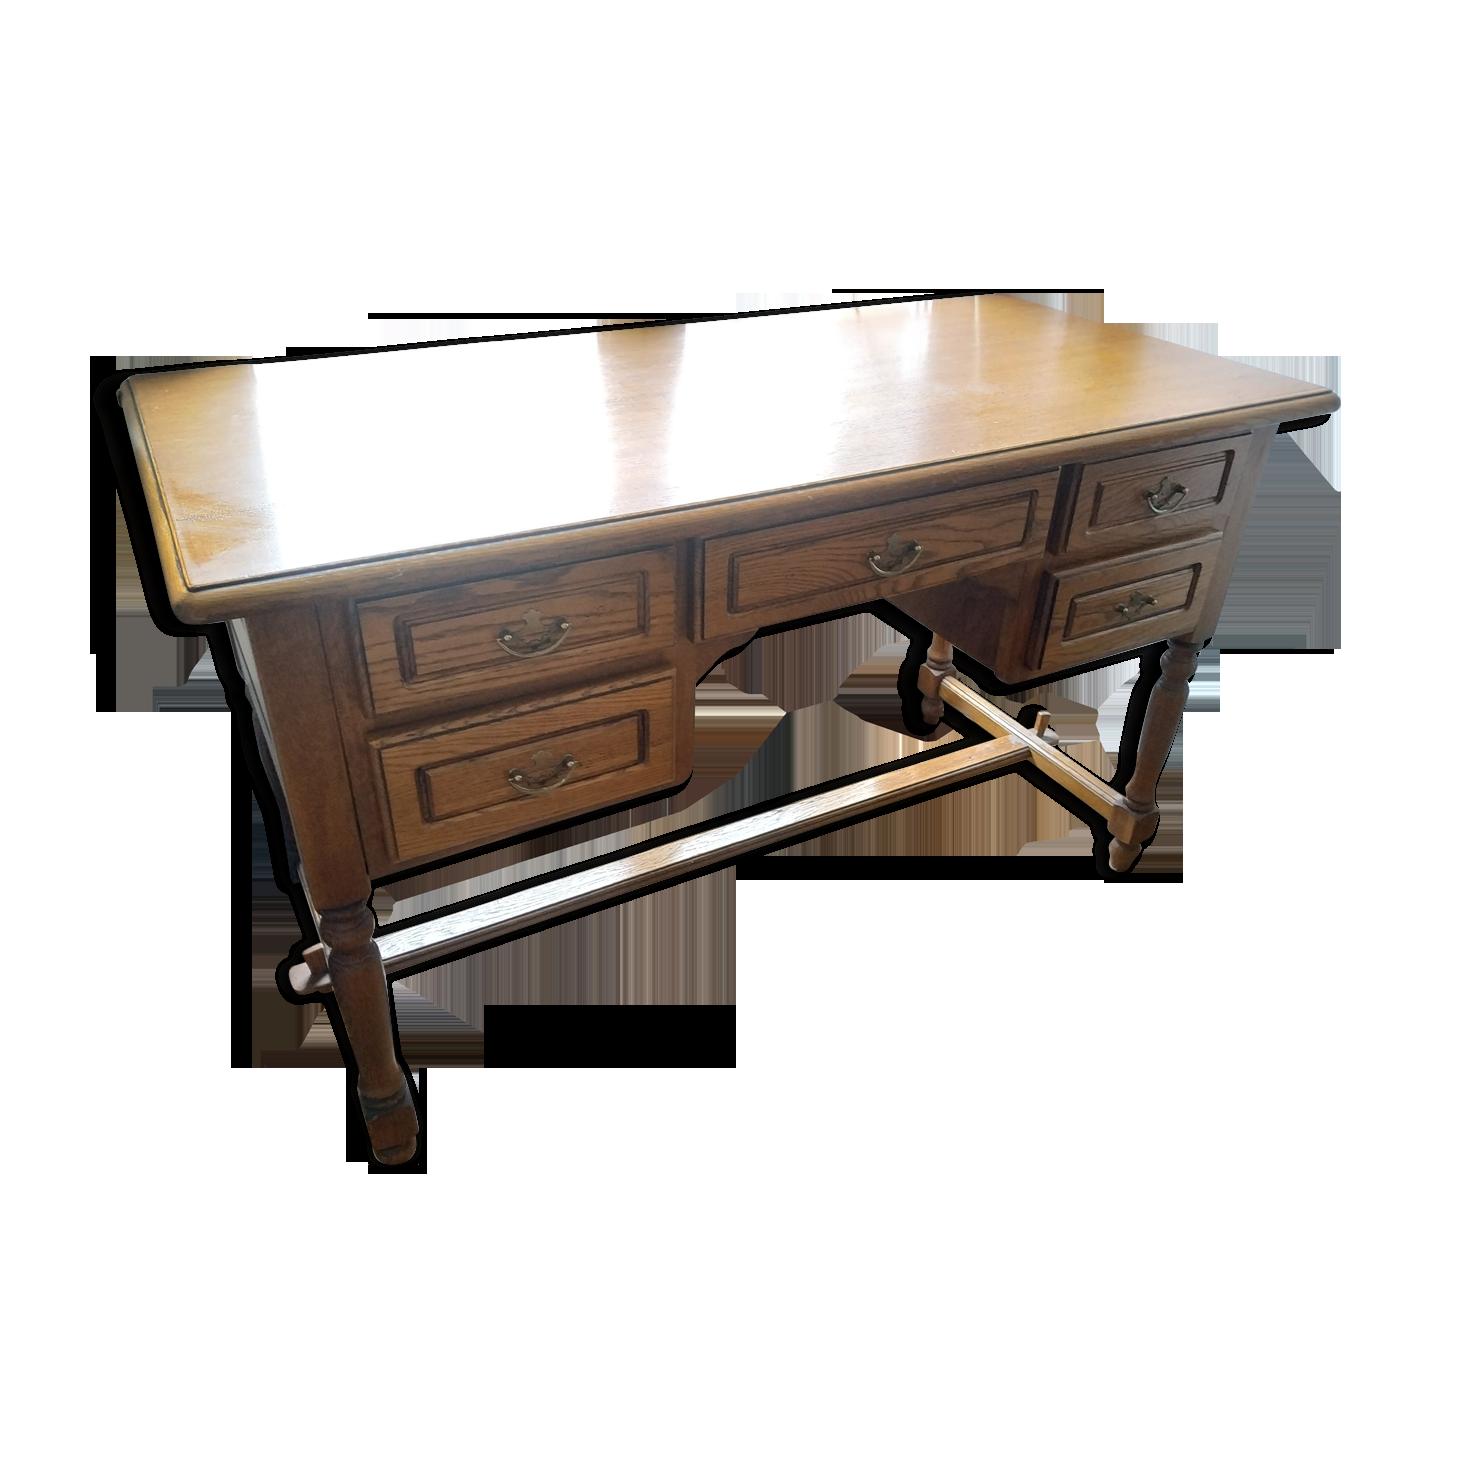 Bureau chêne massif bois matériau bois couleur classique